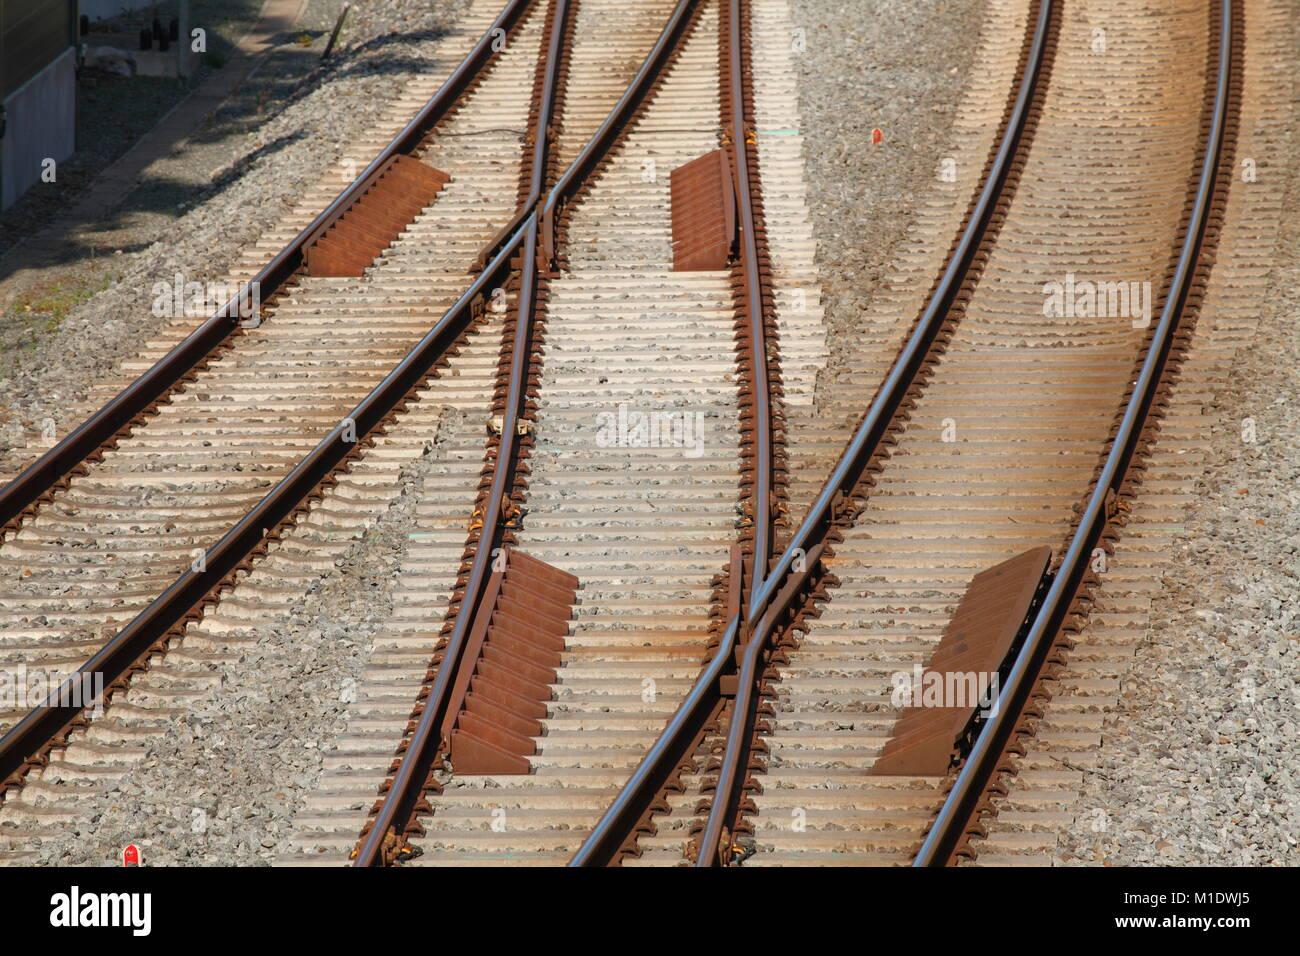 Eisenbahnschienen, Varel, Niedersachsen, Deutschland, Europa ich Eisenbahnschienen, Varel, Niedersachsen, Deutschland, Stockbild